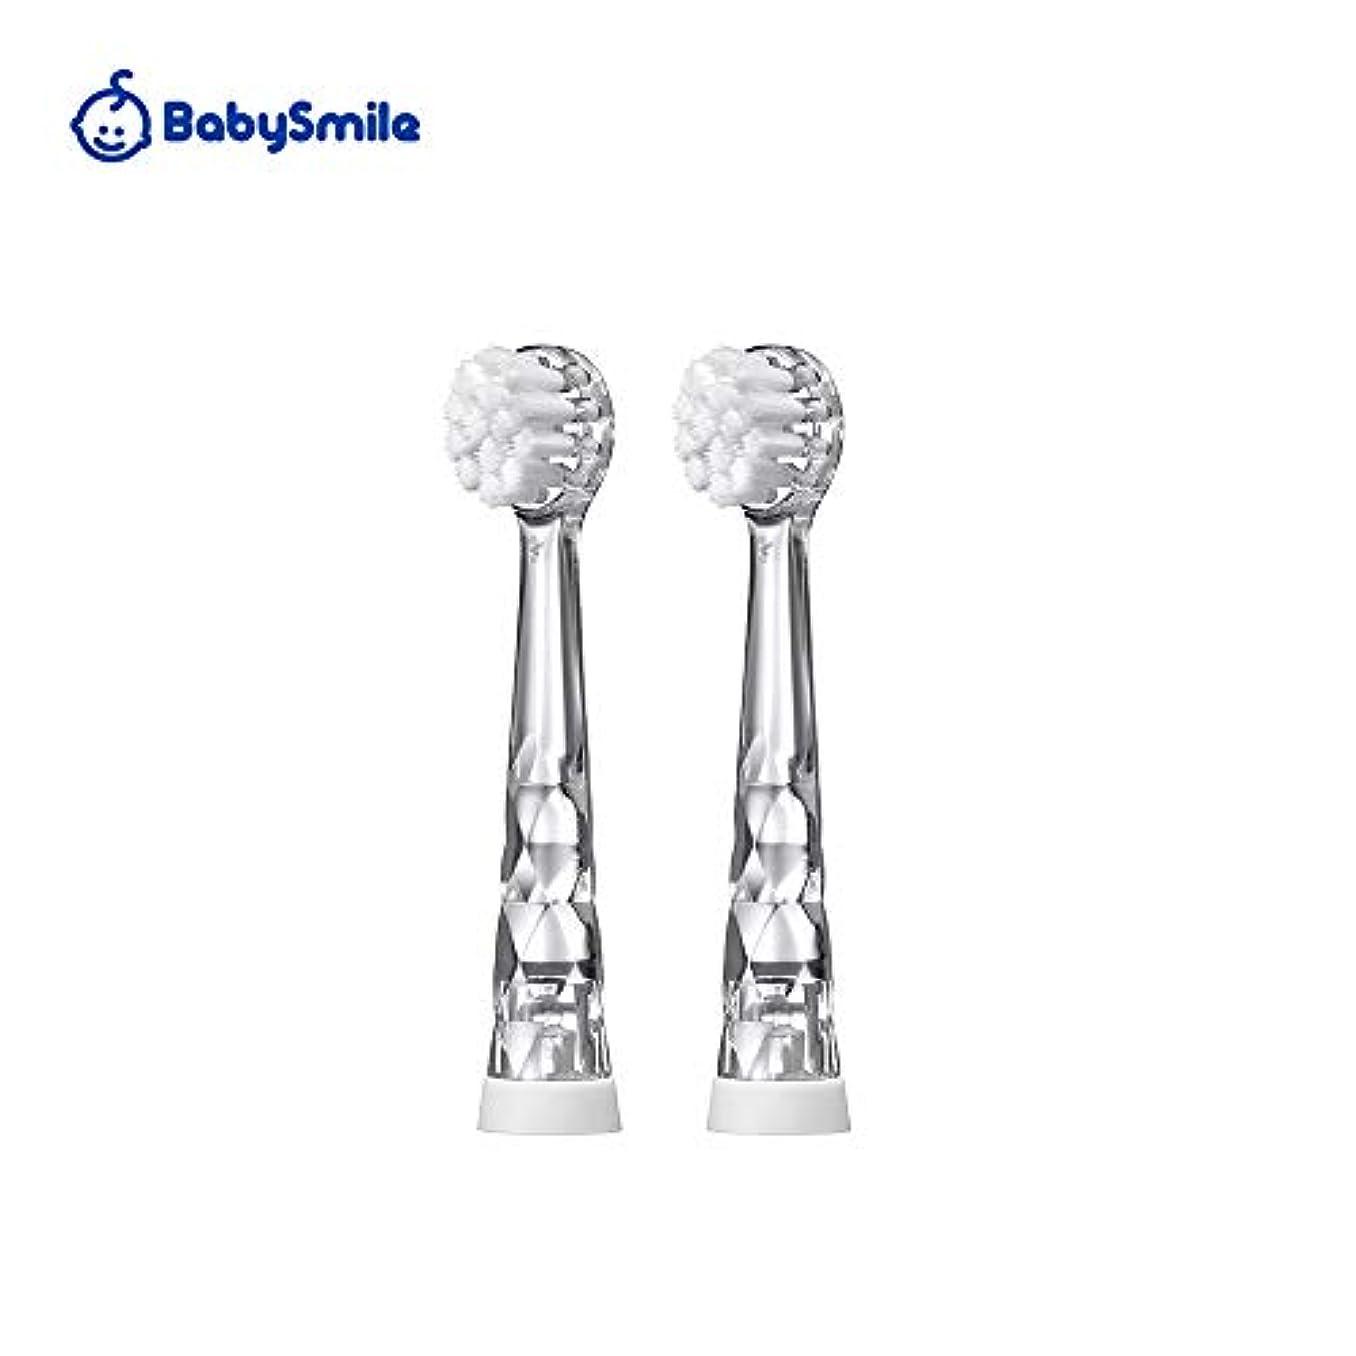 尾ベテラン検査官こども用電動歯ブラシ ベビースマイルレインボー替えブラシ(ソフト) S-204RB